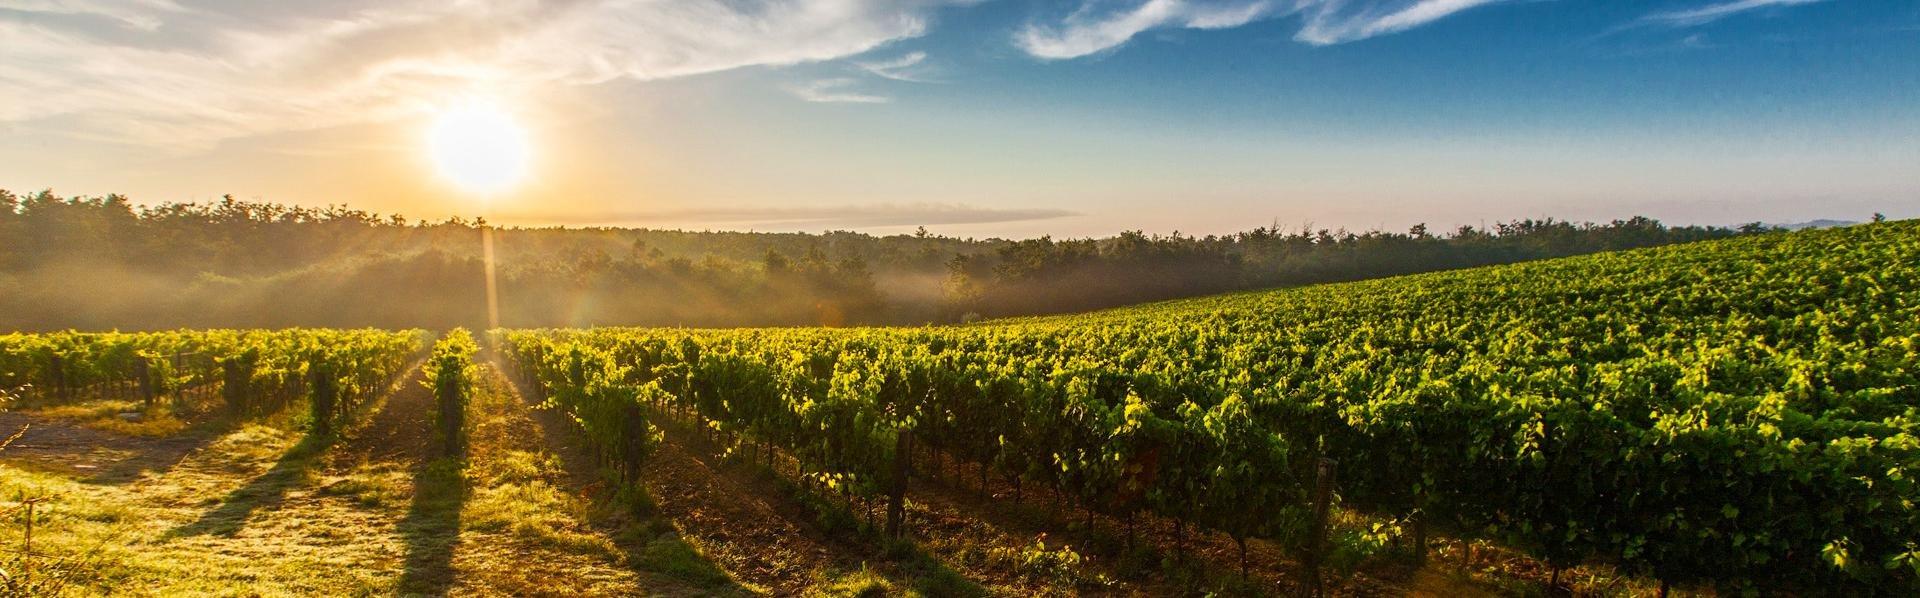 Wijnveld in Piemonte, Italië